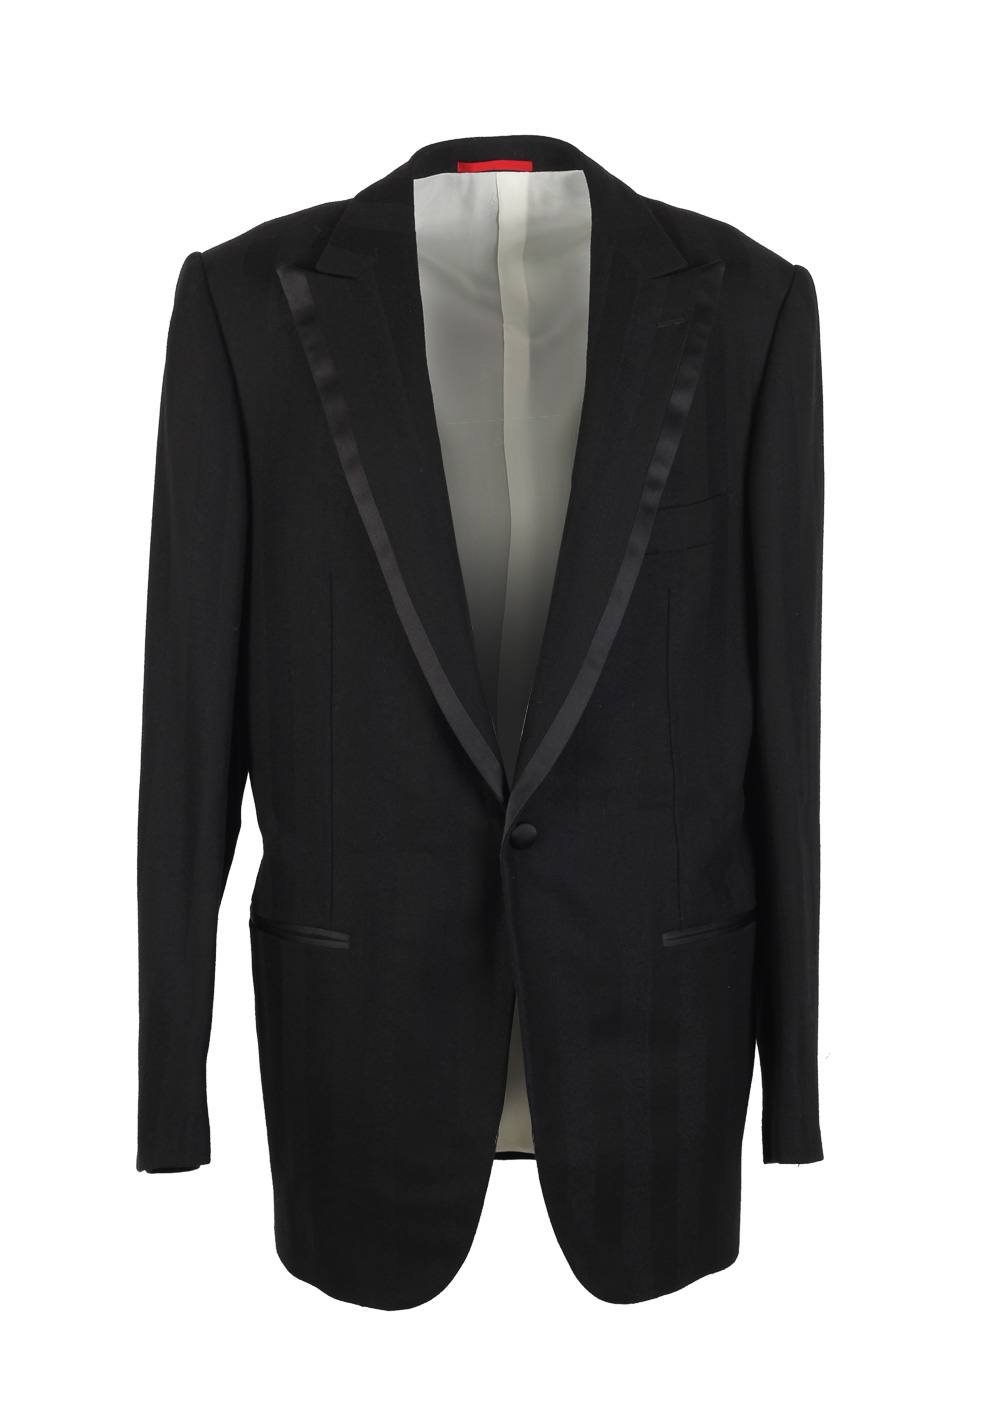 Isaia Black Tuxedo Smoking Suit Size 54L / 44L U.S. Base Vegas | Costume Limité